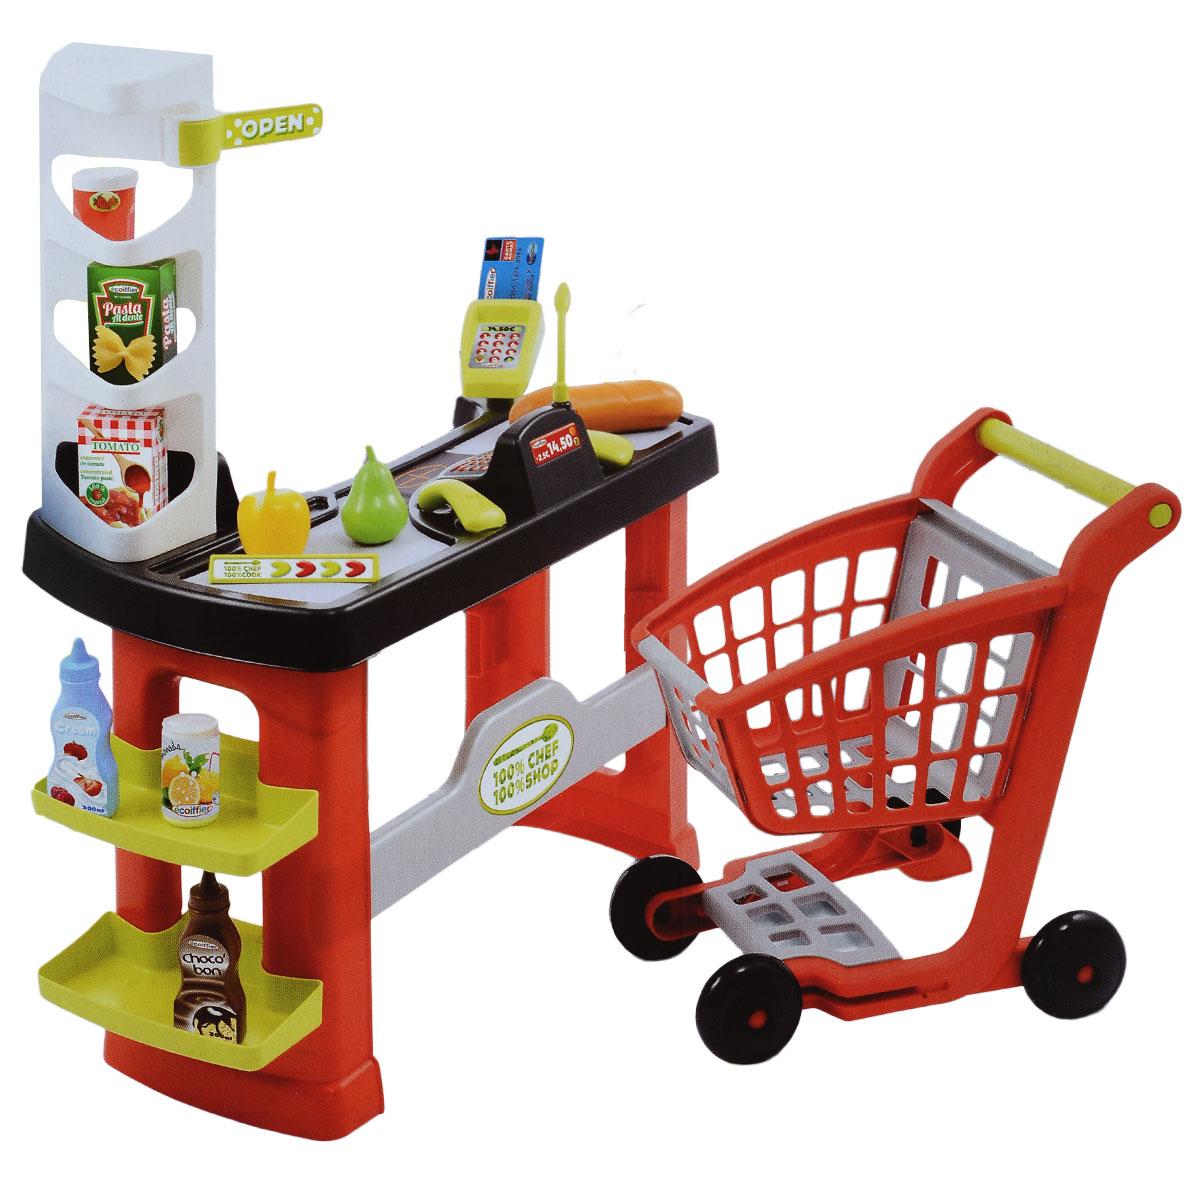 Картинки детские игрушки товары